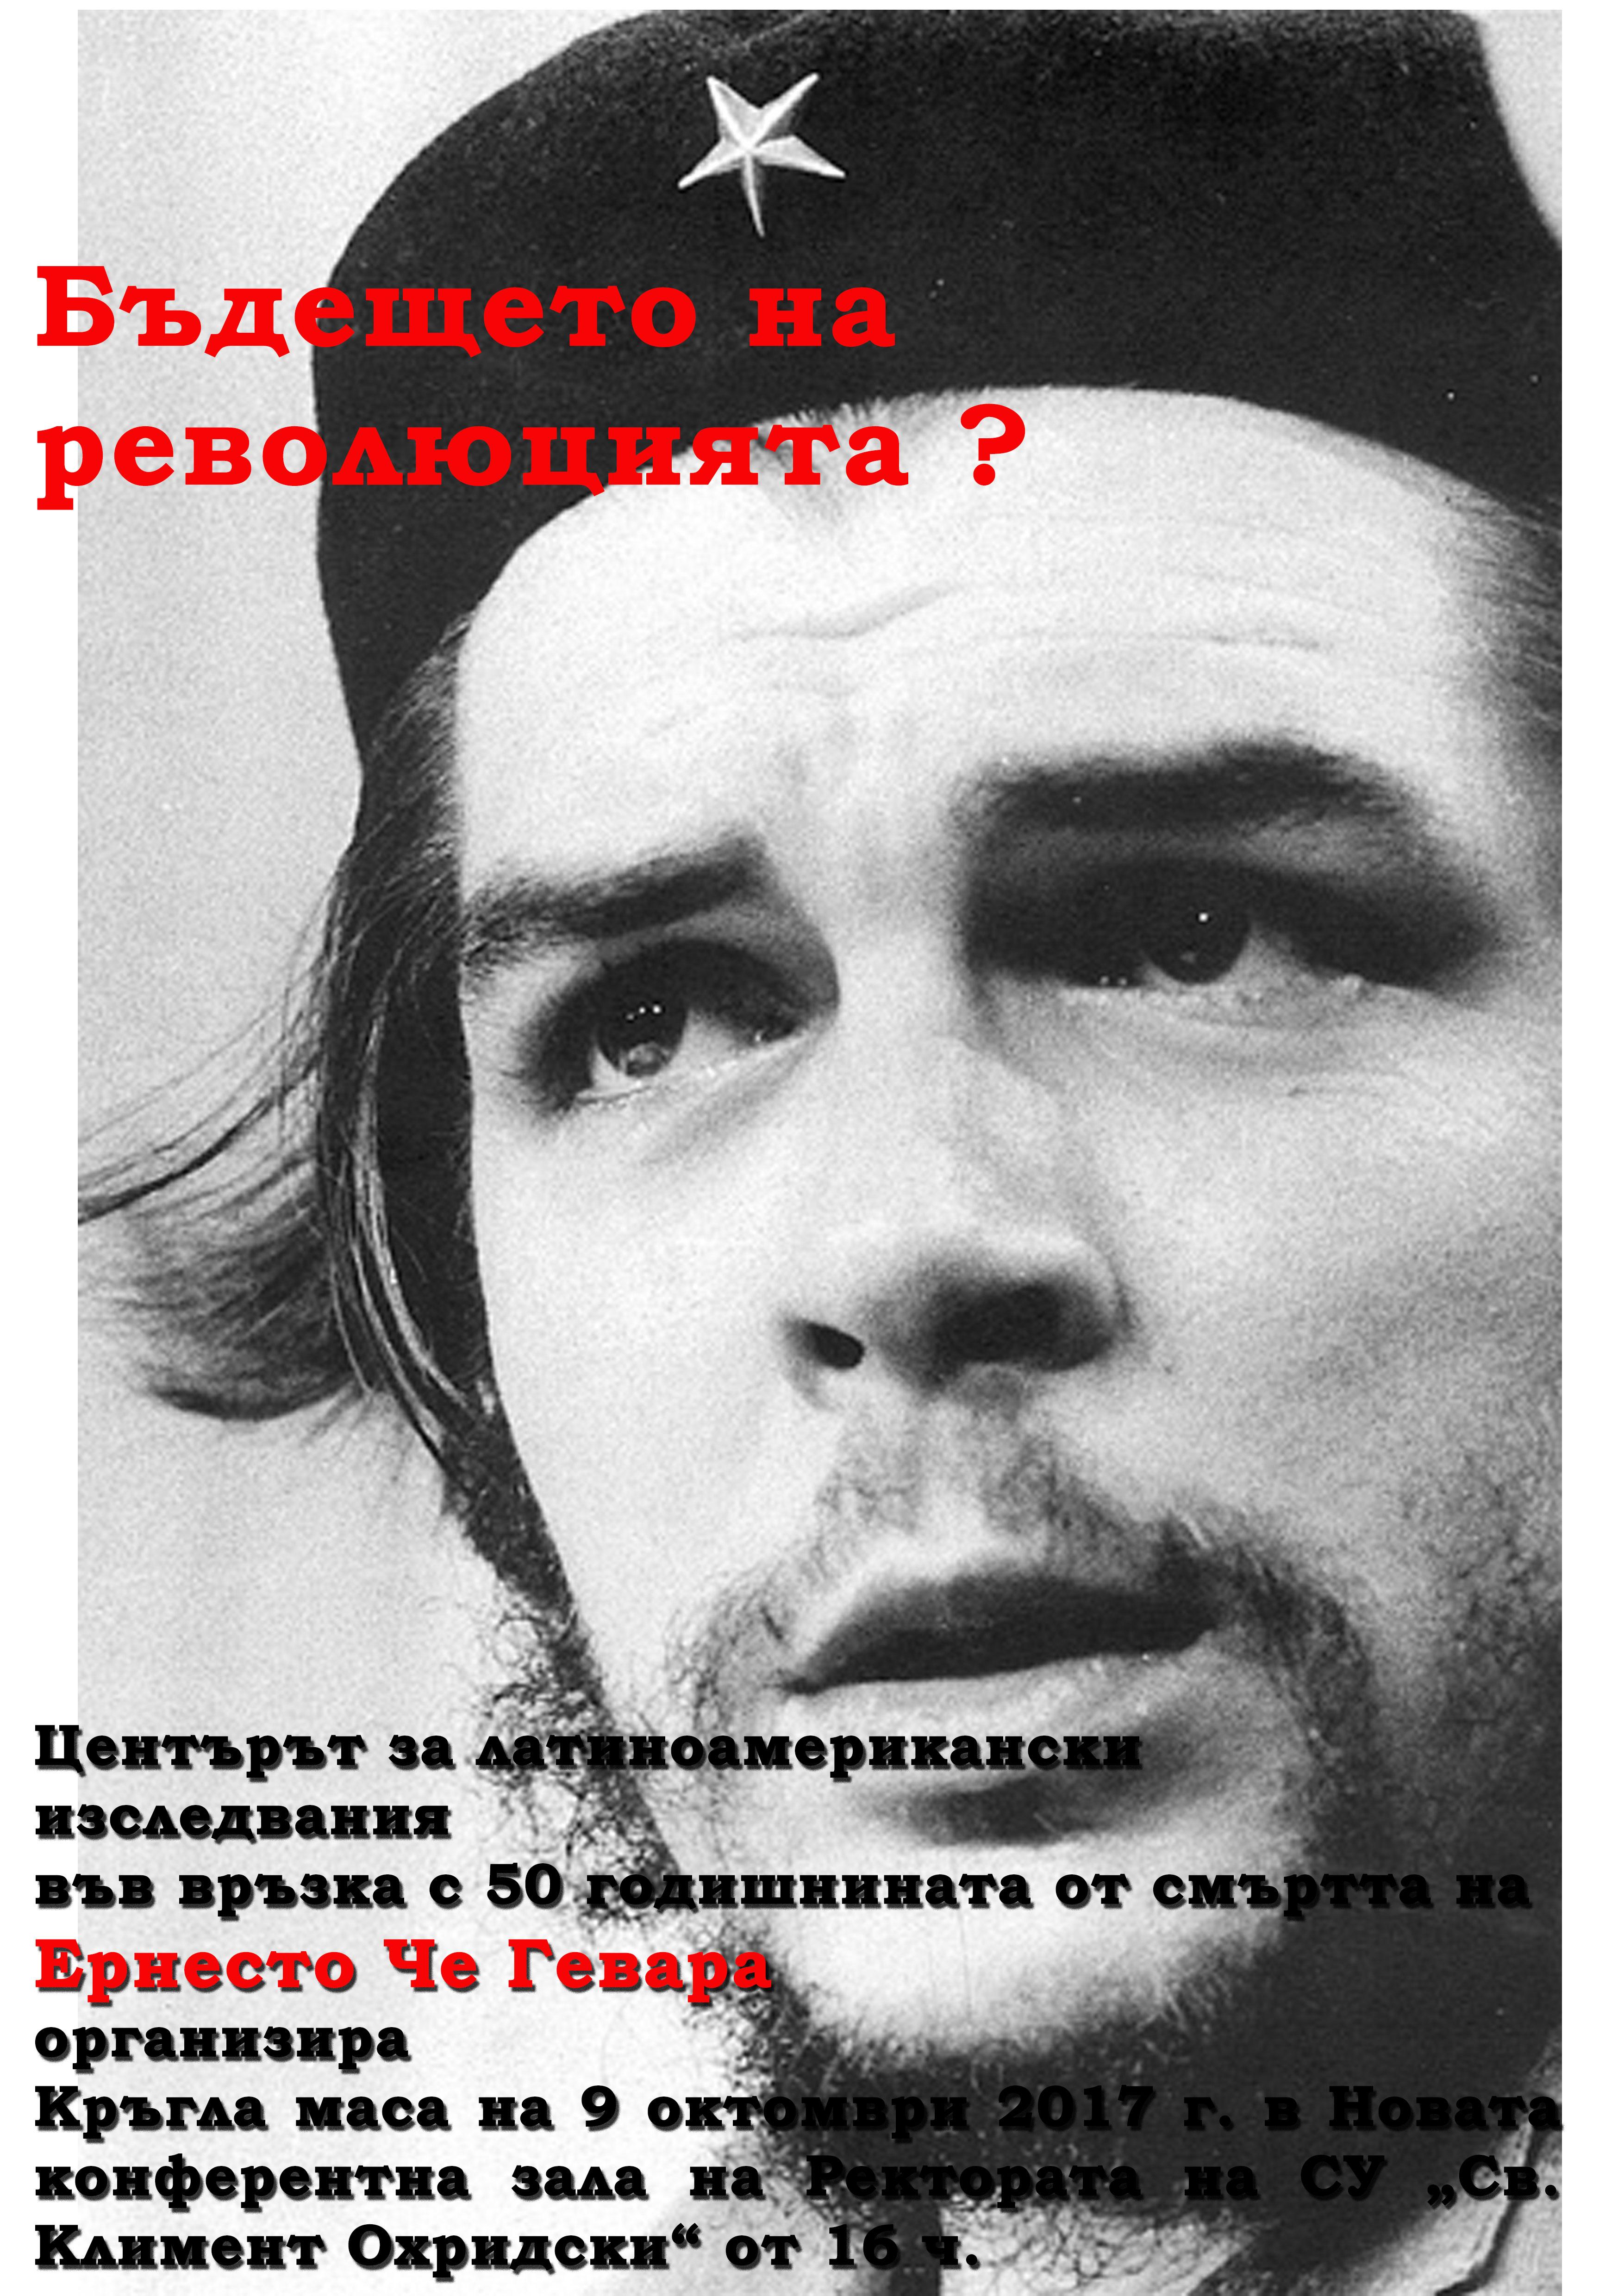 """Плакатът за кръглата маса в СУ """"Бъдещето на революцията?"""""""